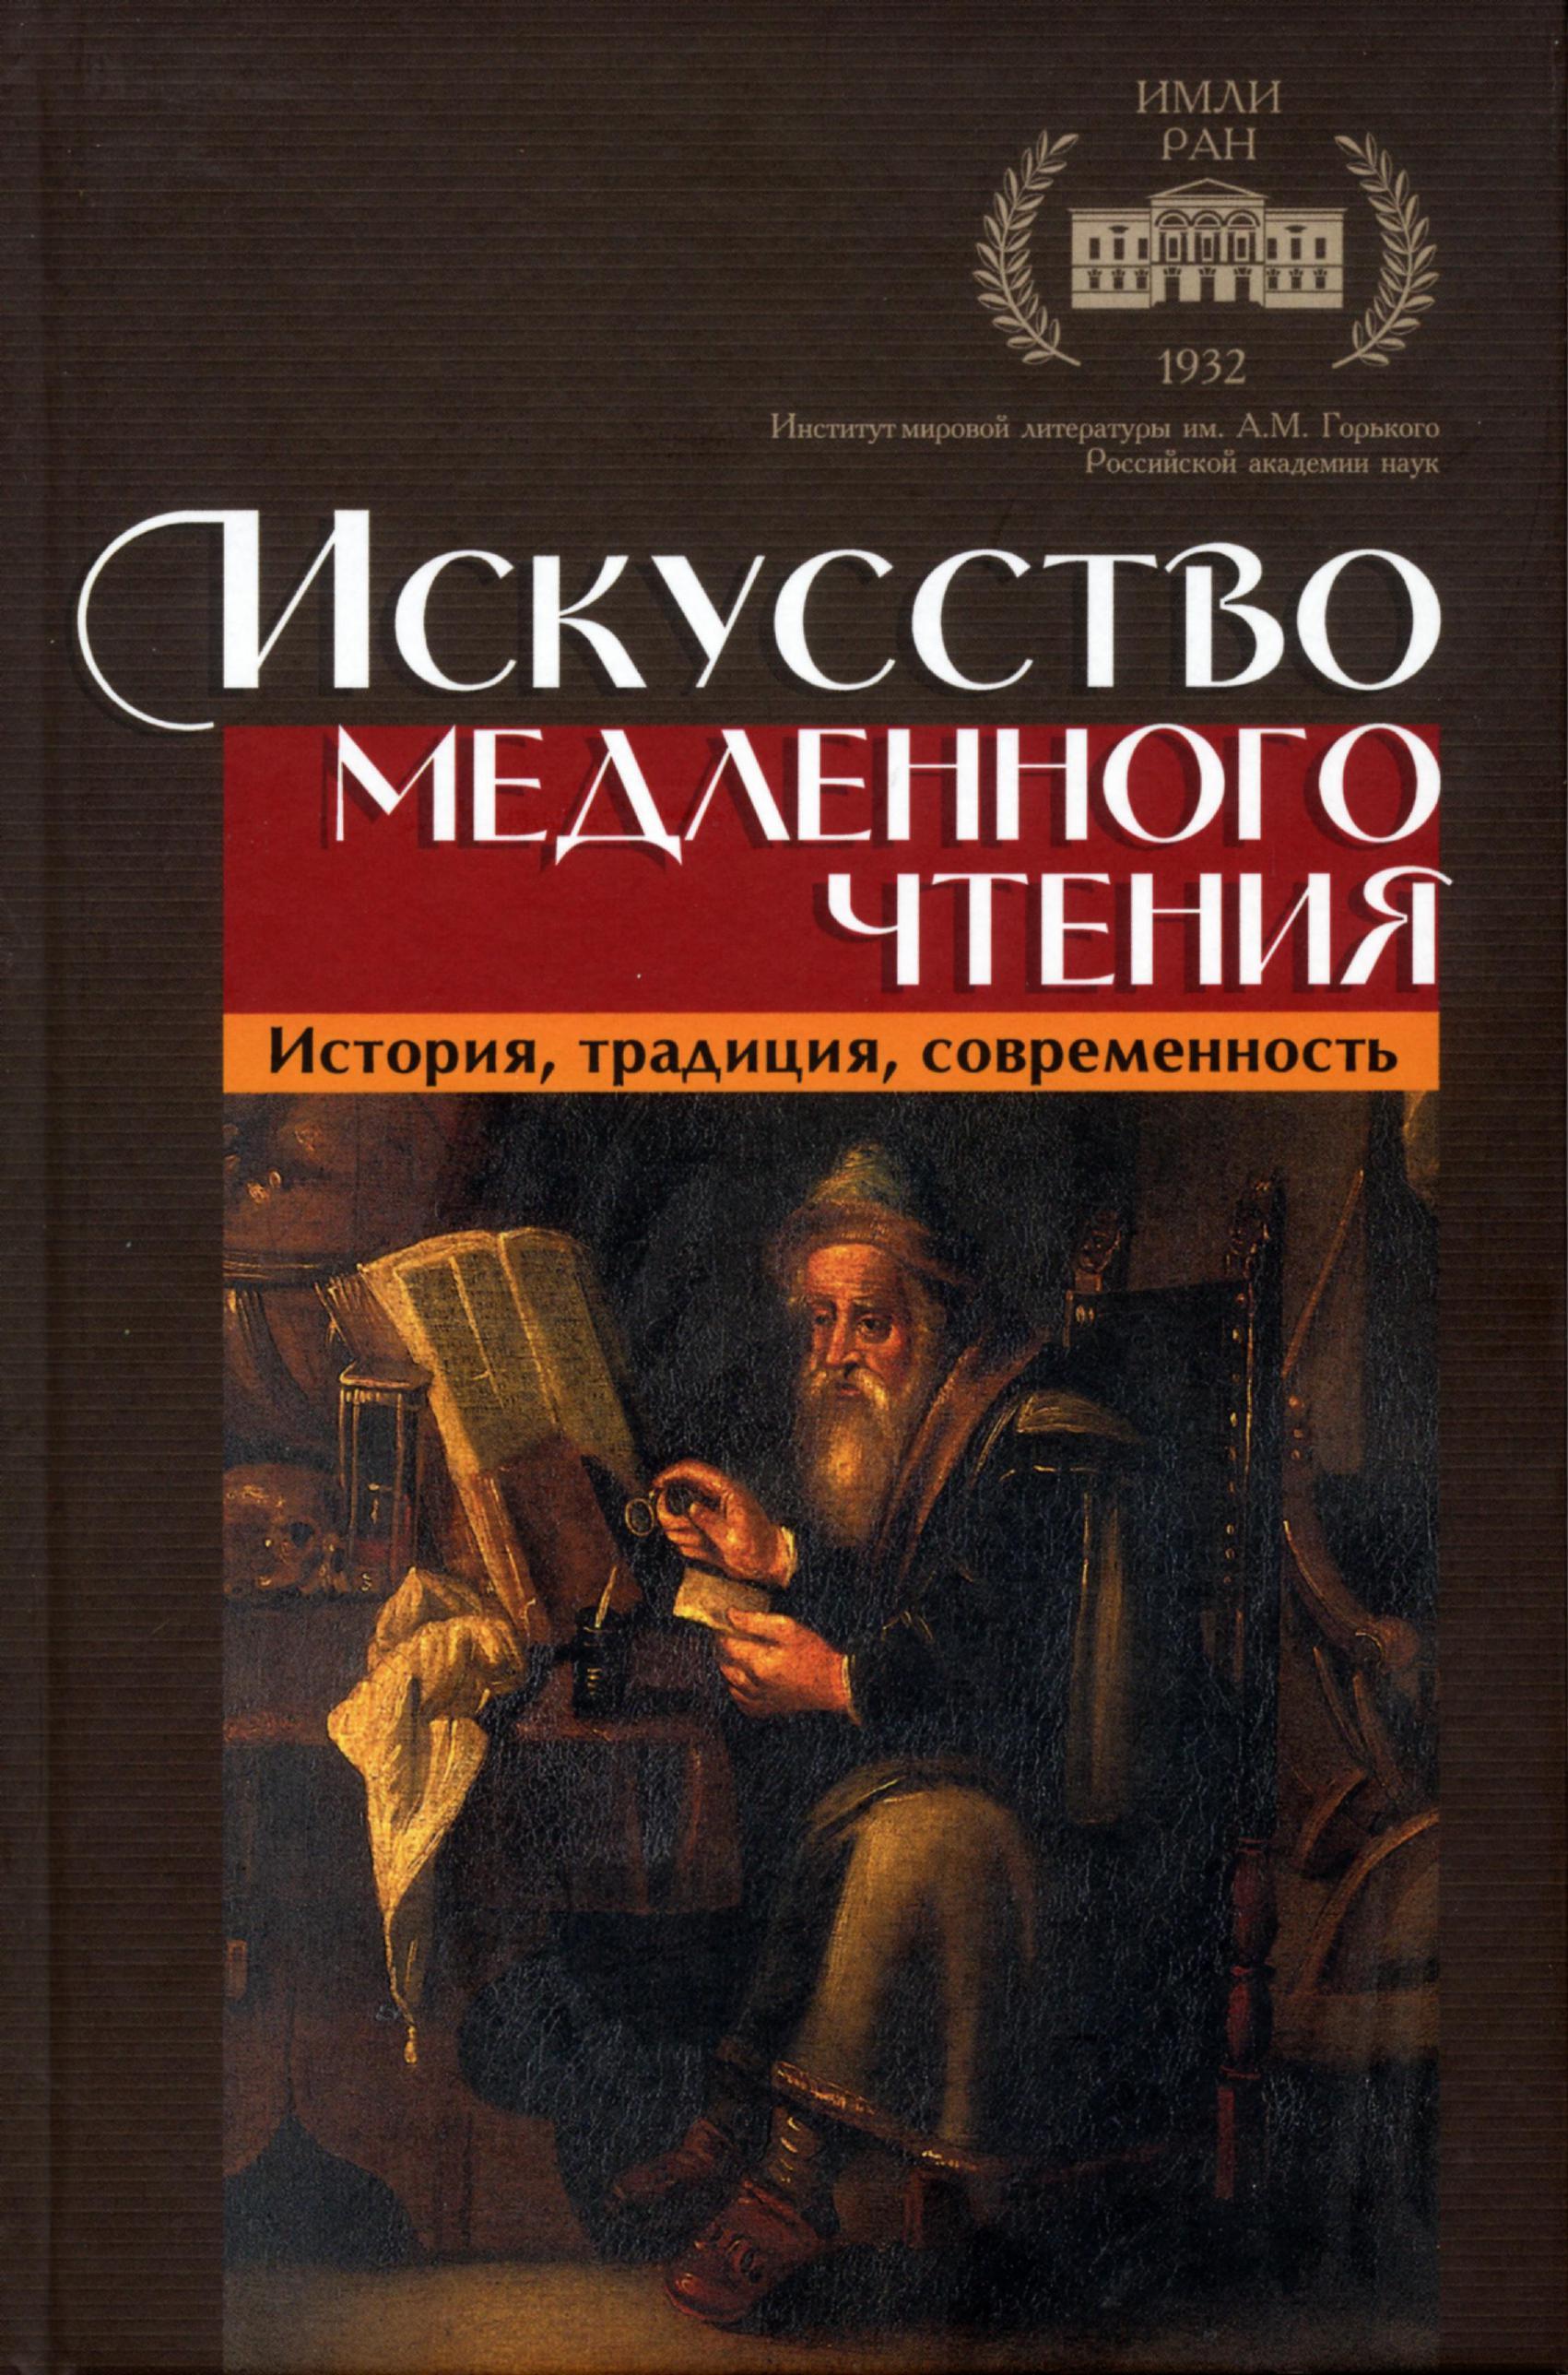 Эпистемология чтения во французском романе XVII в.; «Прециозница, или Тайна алькова» Мишеля де Пюра